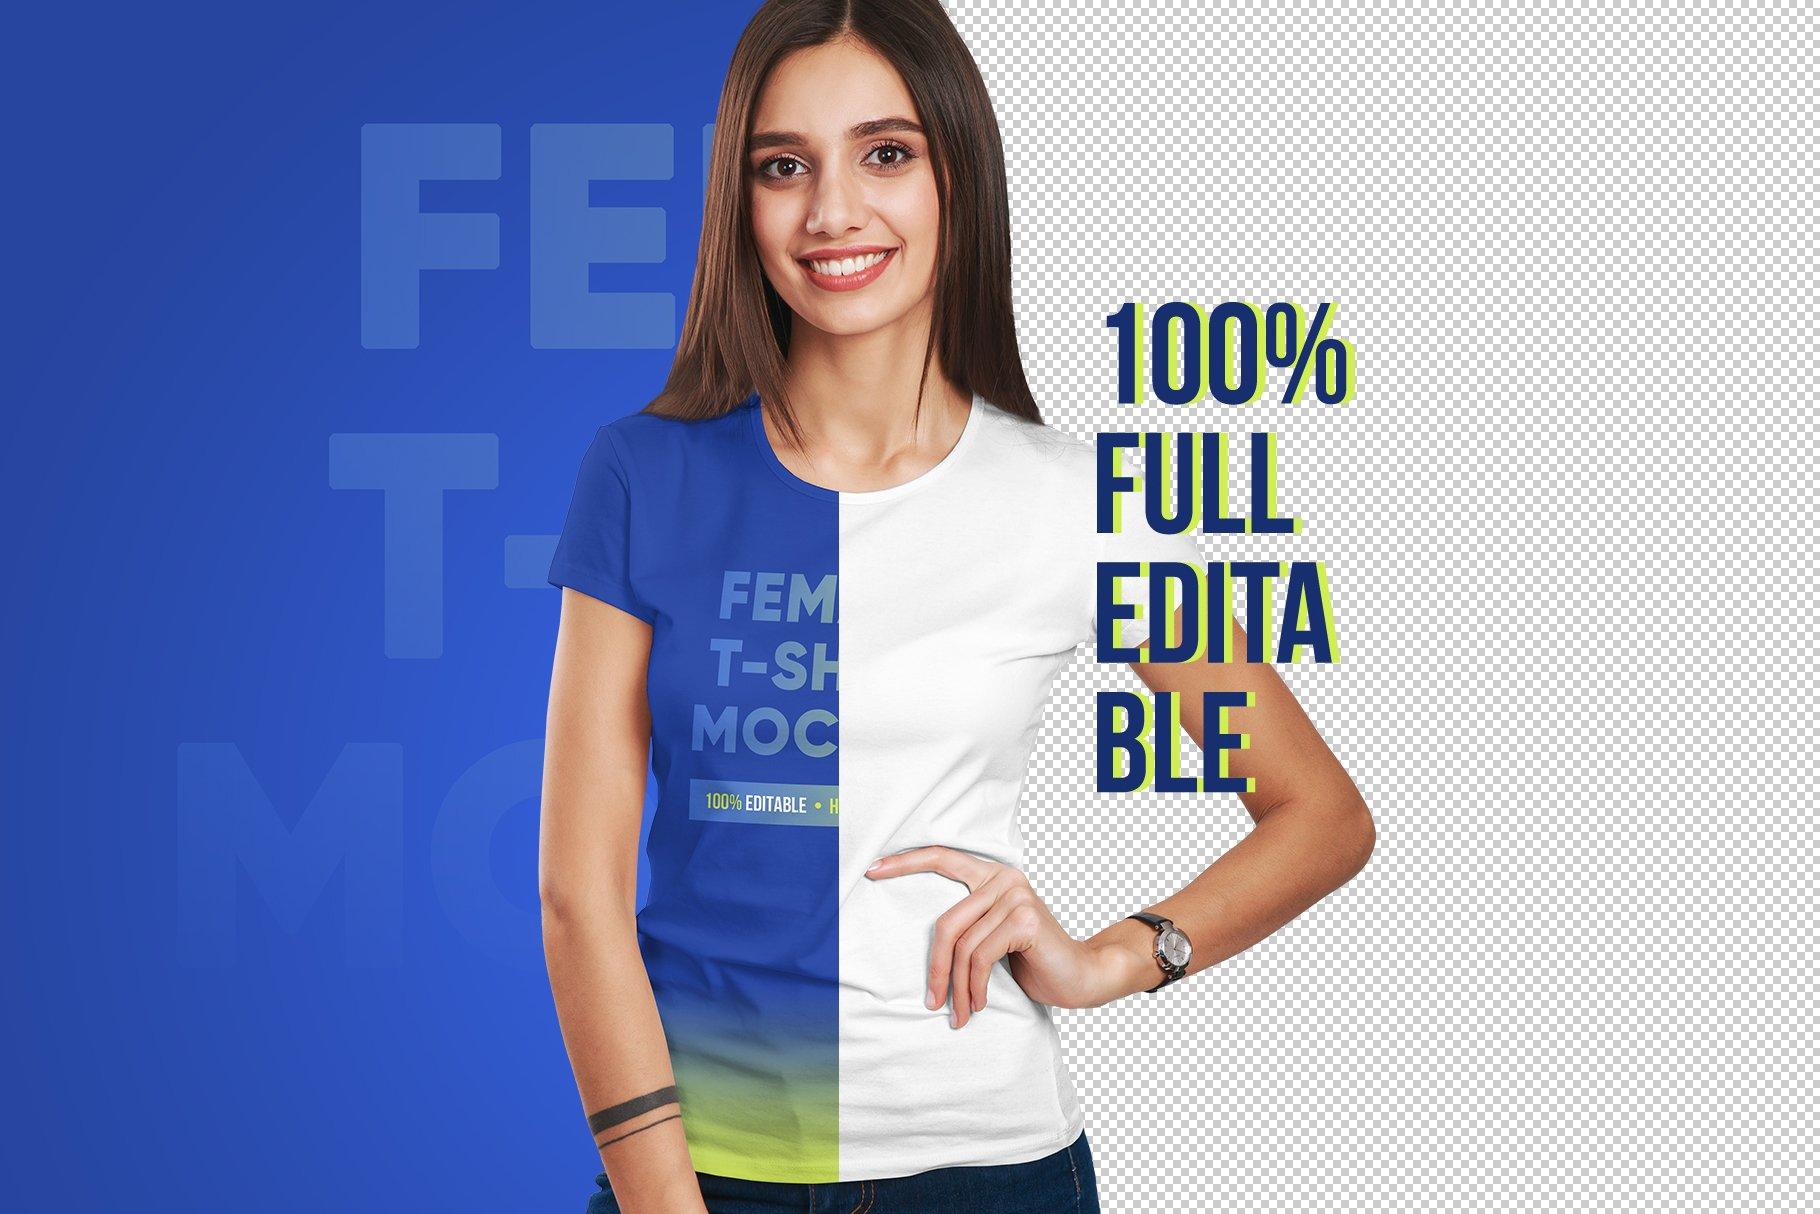 12款高品质女士半袖T恤印花图案设计展示PS智能贴图样机 Female T-Shirt Mockups Vol 3 Part 1插图1